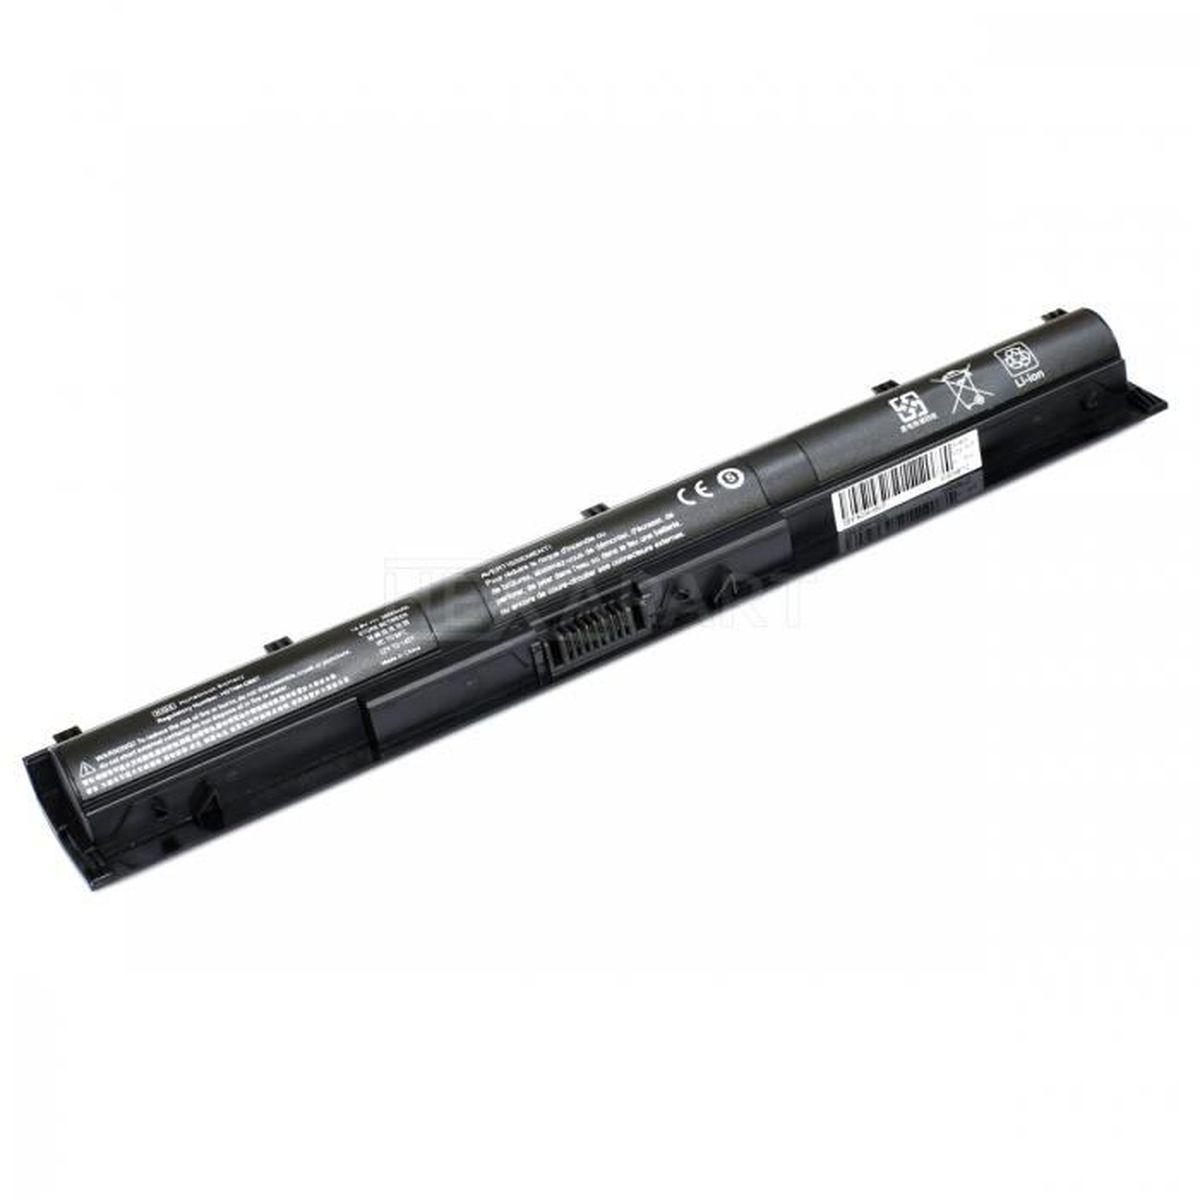 Batterie Pour HP Pavilion 17-g011nf 14.8V 2600MAH - Prix pas cher ...